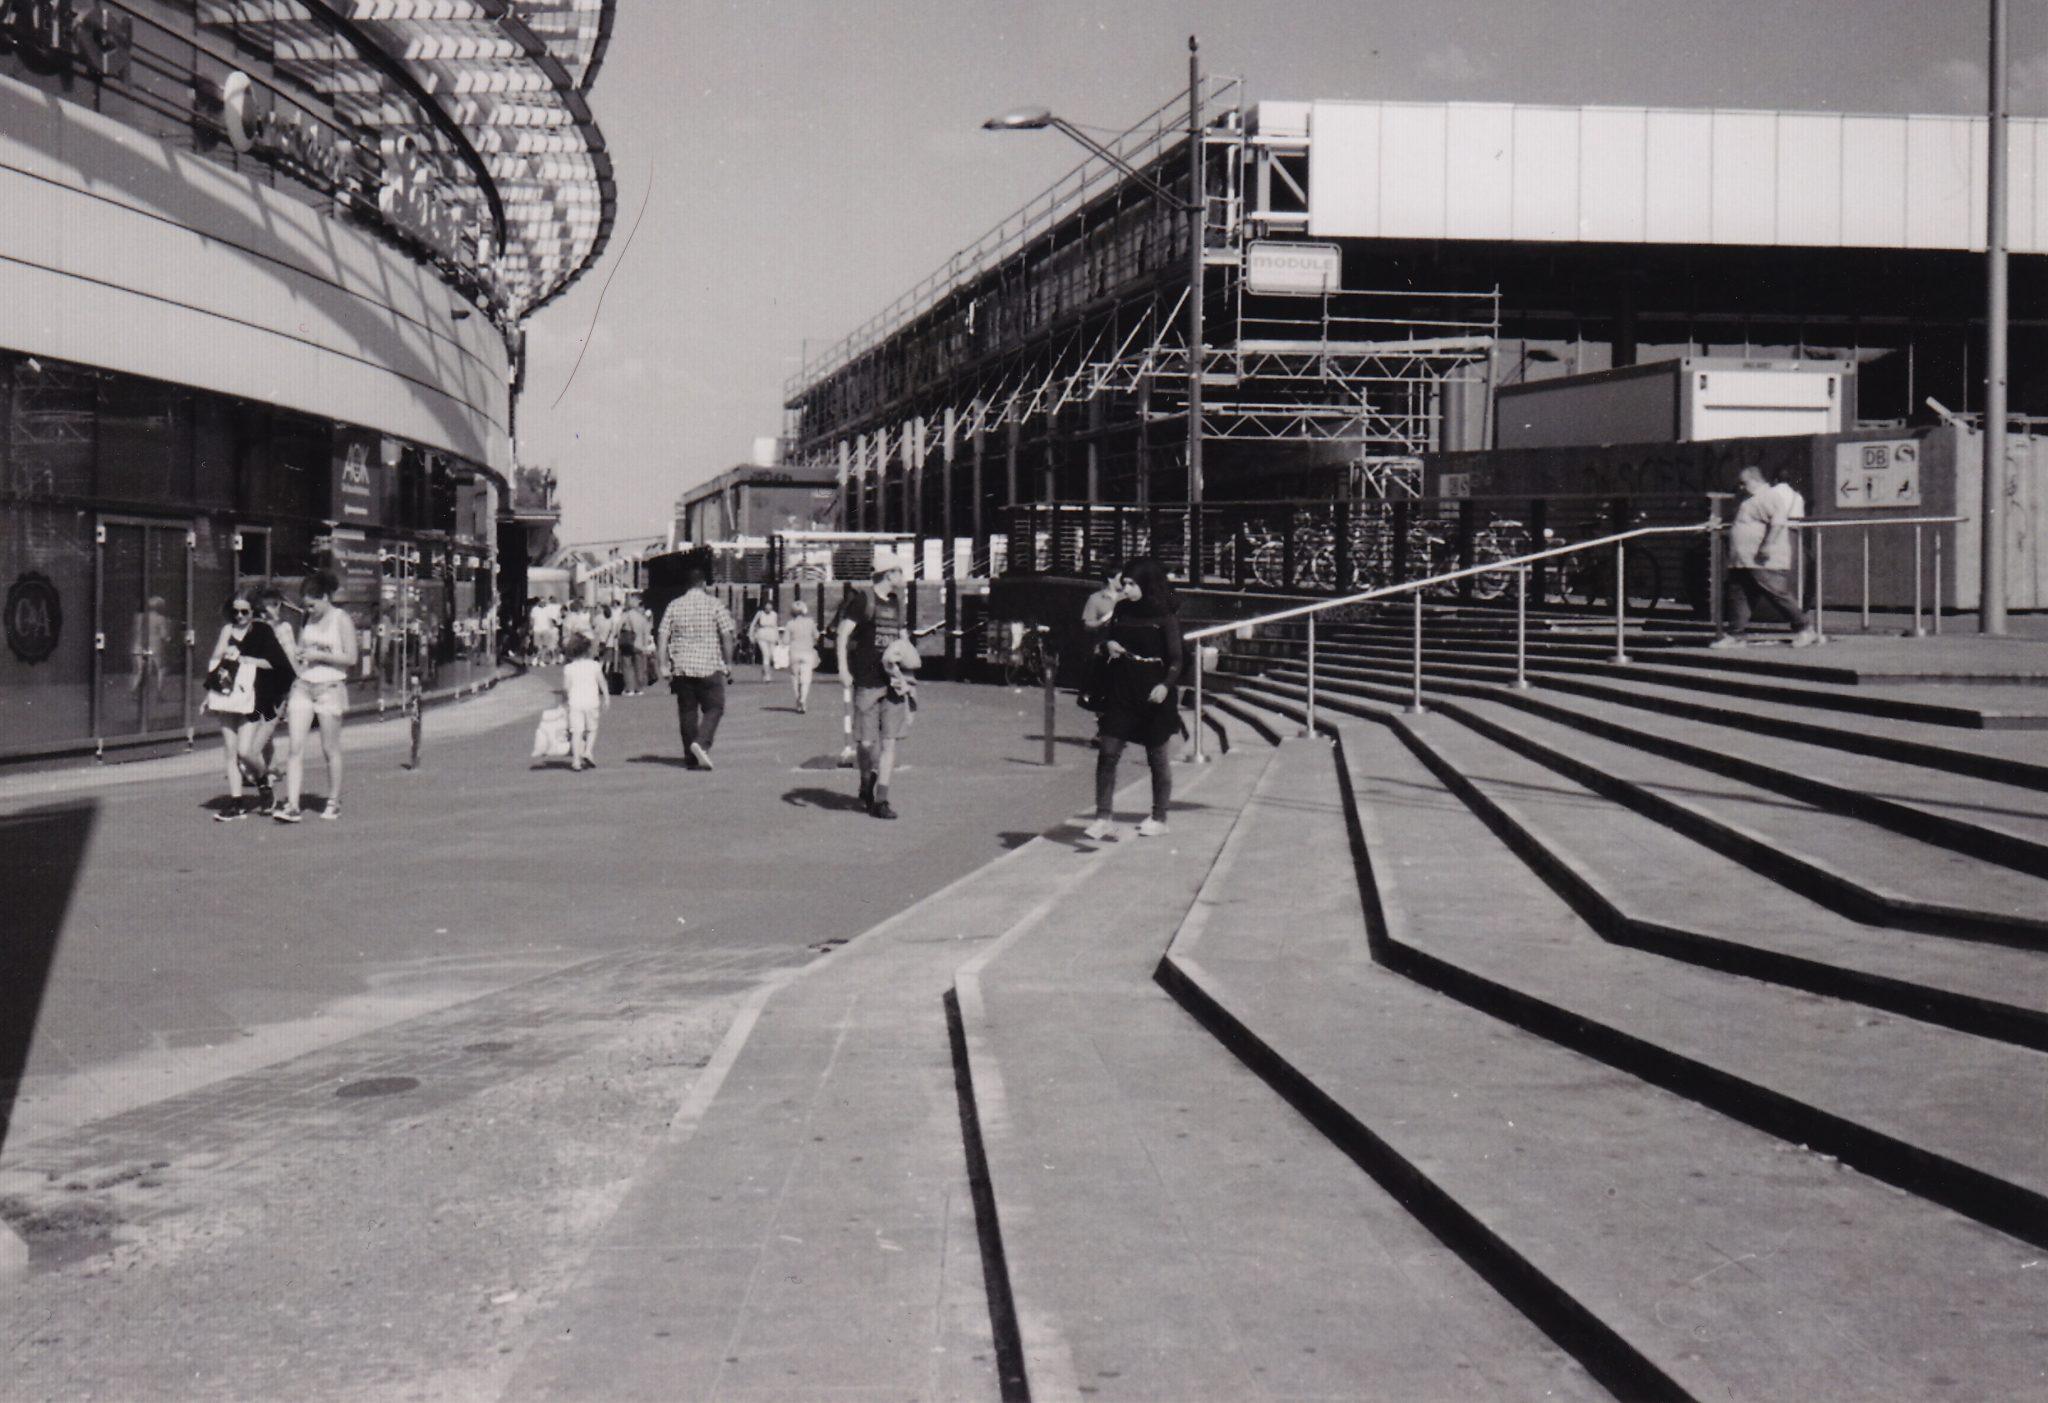 Gesundbrunnencenter Bahnhof